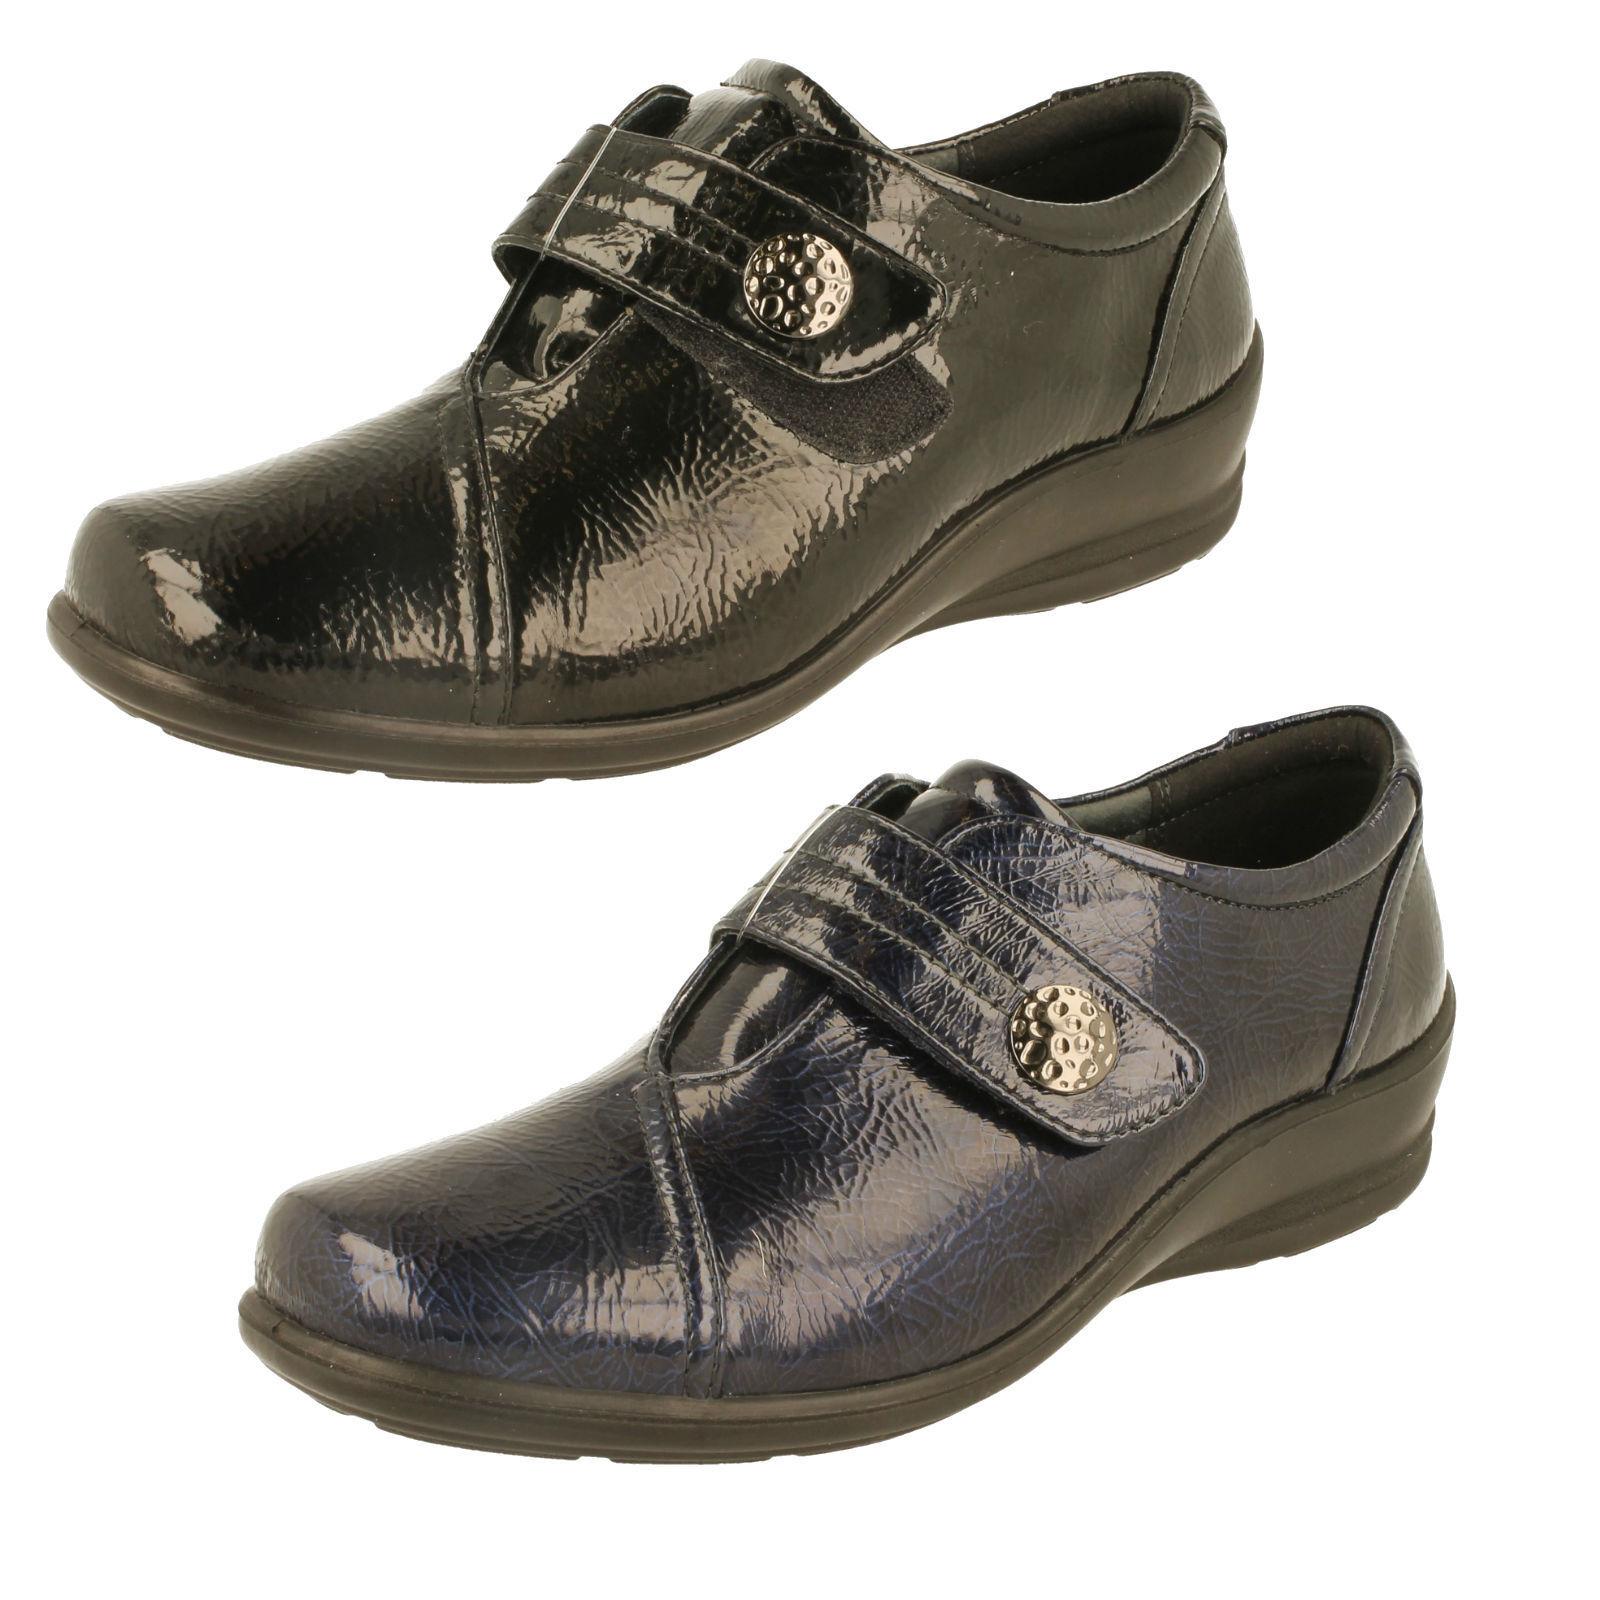 ausgezeichnete preise Flache Passform Breite Padders Schuhe